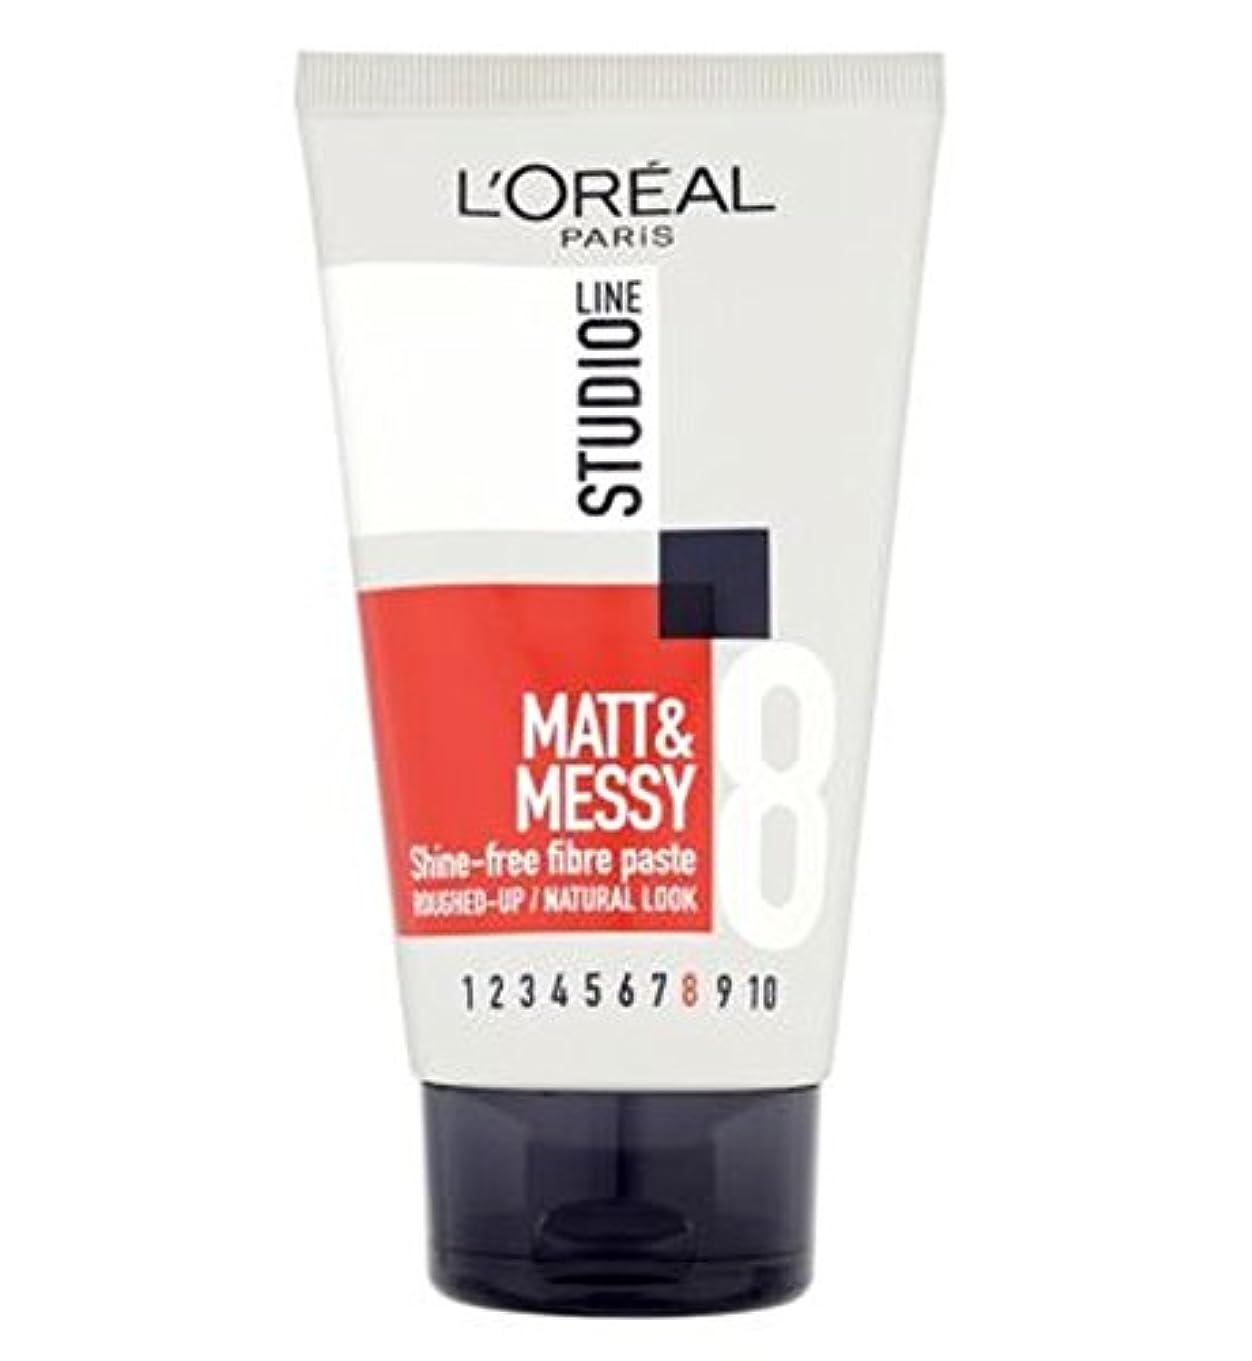 オレンジまっすぐにする楽しませるL'Oreall Studio Line Matt & Messy Shine-Free Fibre Paste 150ml - L'Oreallスタジオラインマット&厄介な輝きのない繊維ペースト150ミリリットル (L'Oreal...